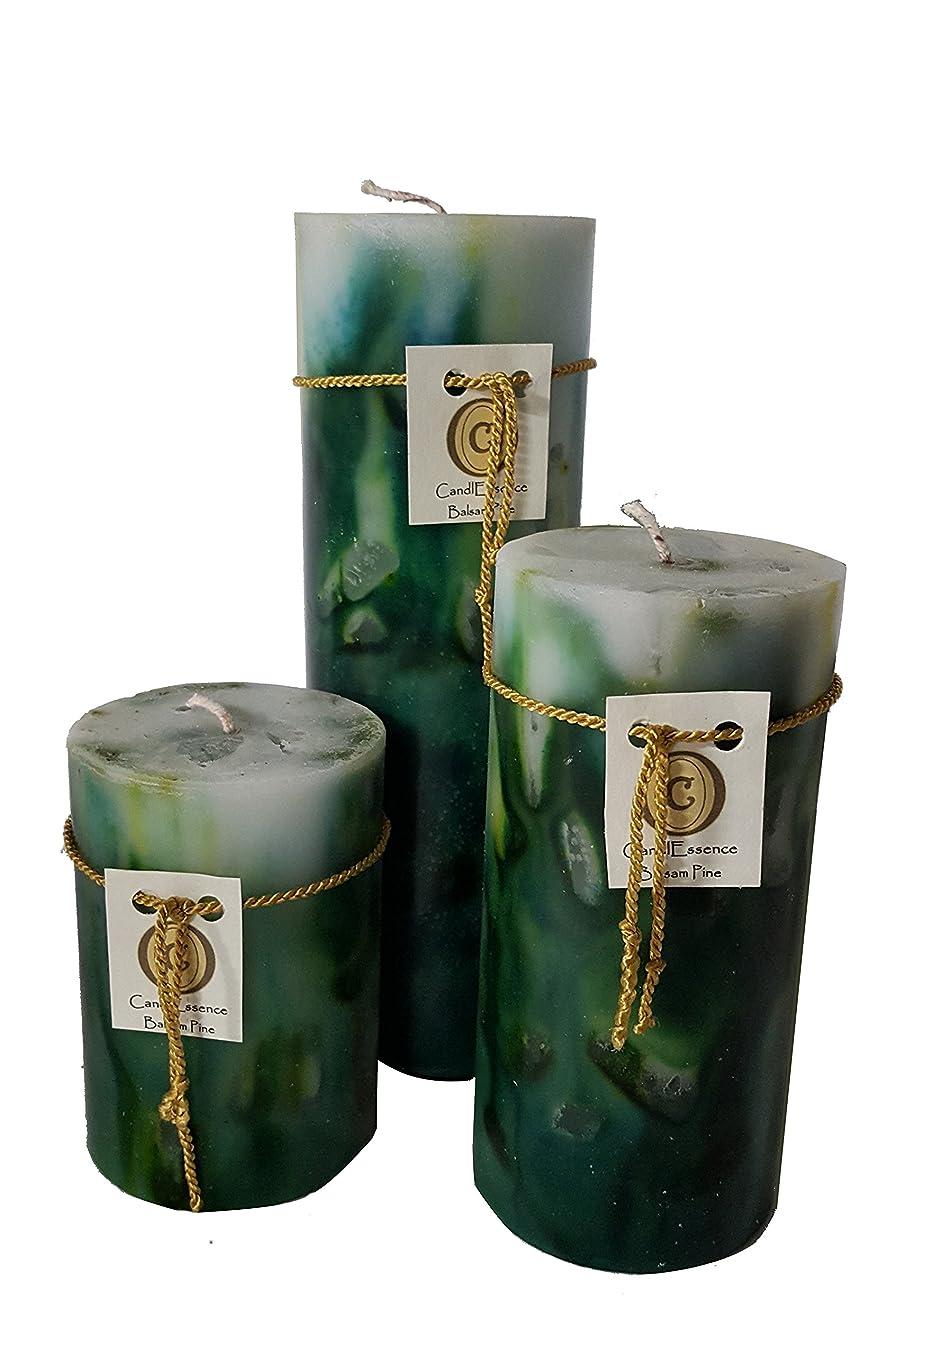 ロードブロッキングモーター因子ハンドメイドScented Candle?–?Long Burningピラー?–?Balsam Pine香り Set of 3 B01MYMQ92Y